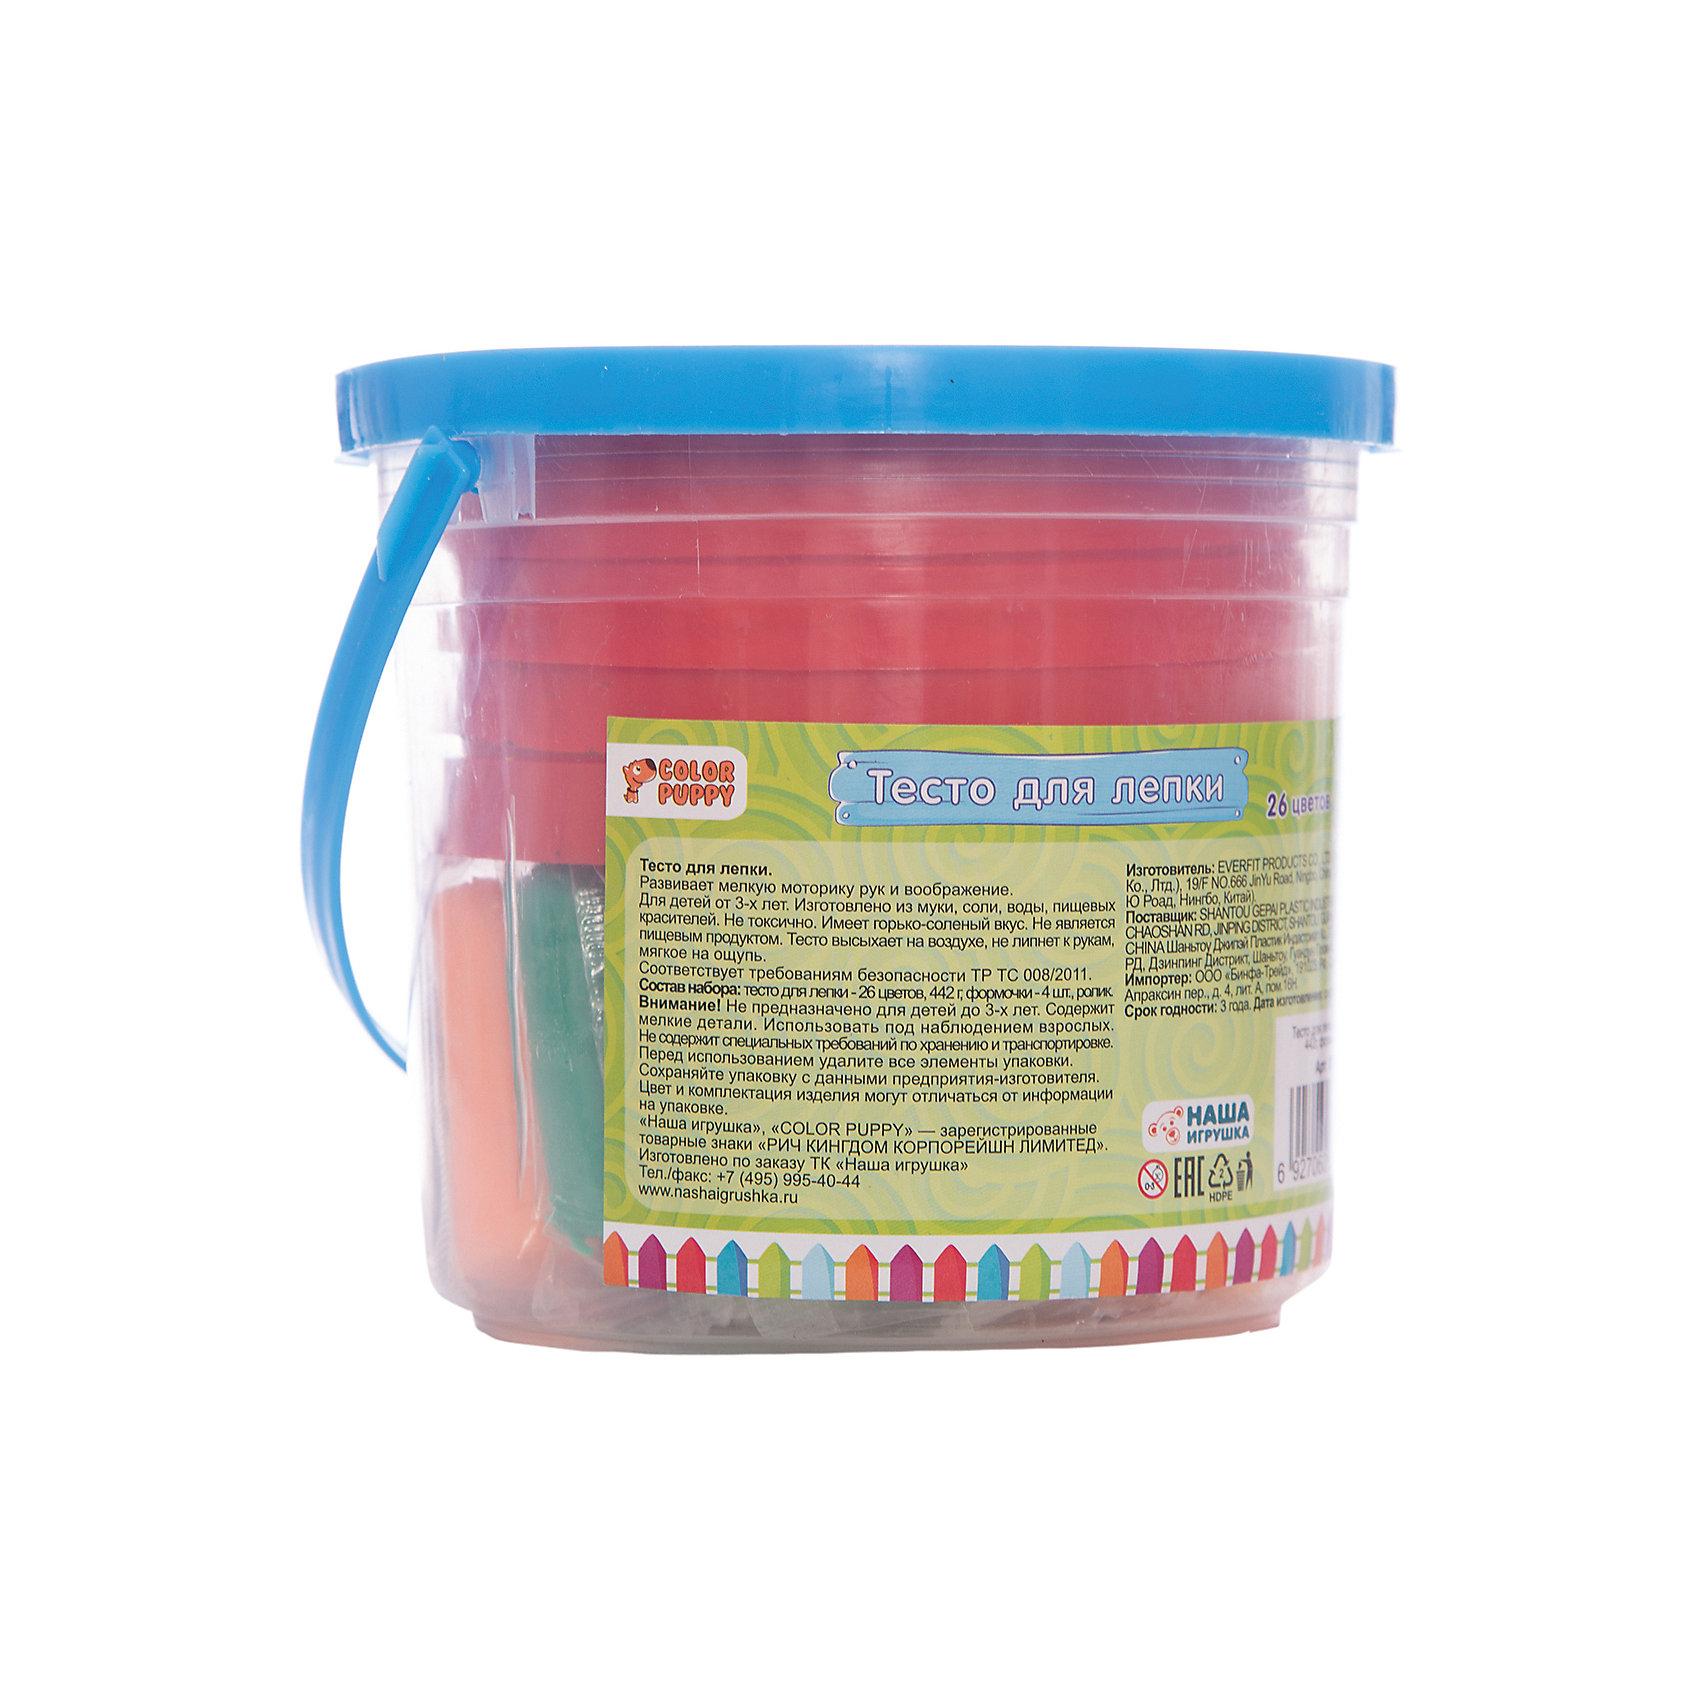 Color Puppy Тесто для лепки: 26 цветов, 442г, формы, ролик color puppy тесто для лепки 26 цветов 442г формы ролик